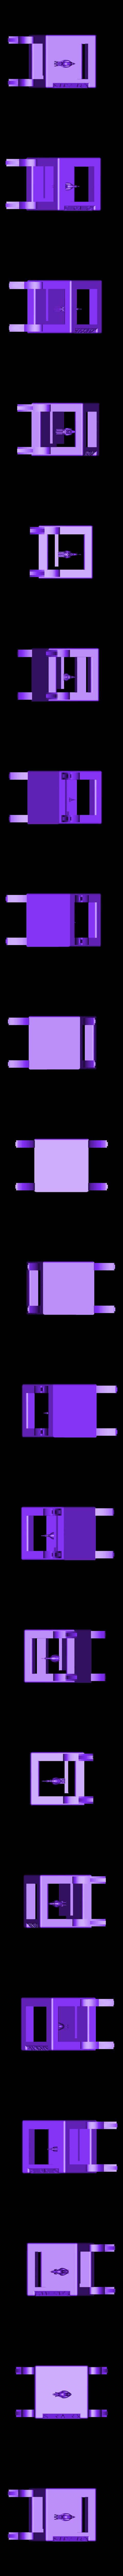 Ensemble.stl Download free STL file STRATOMAKER DECO • 3D print model, Chris48